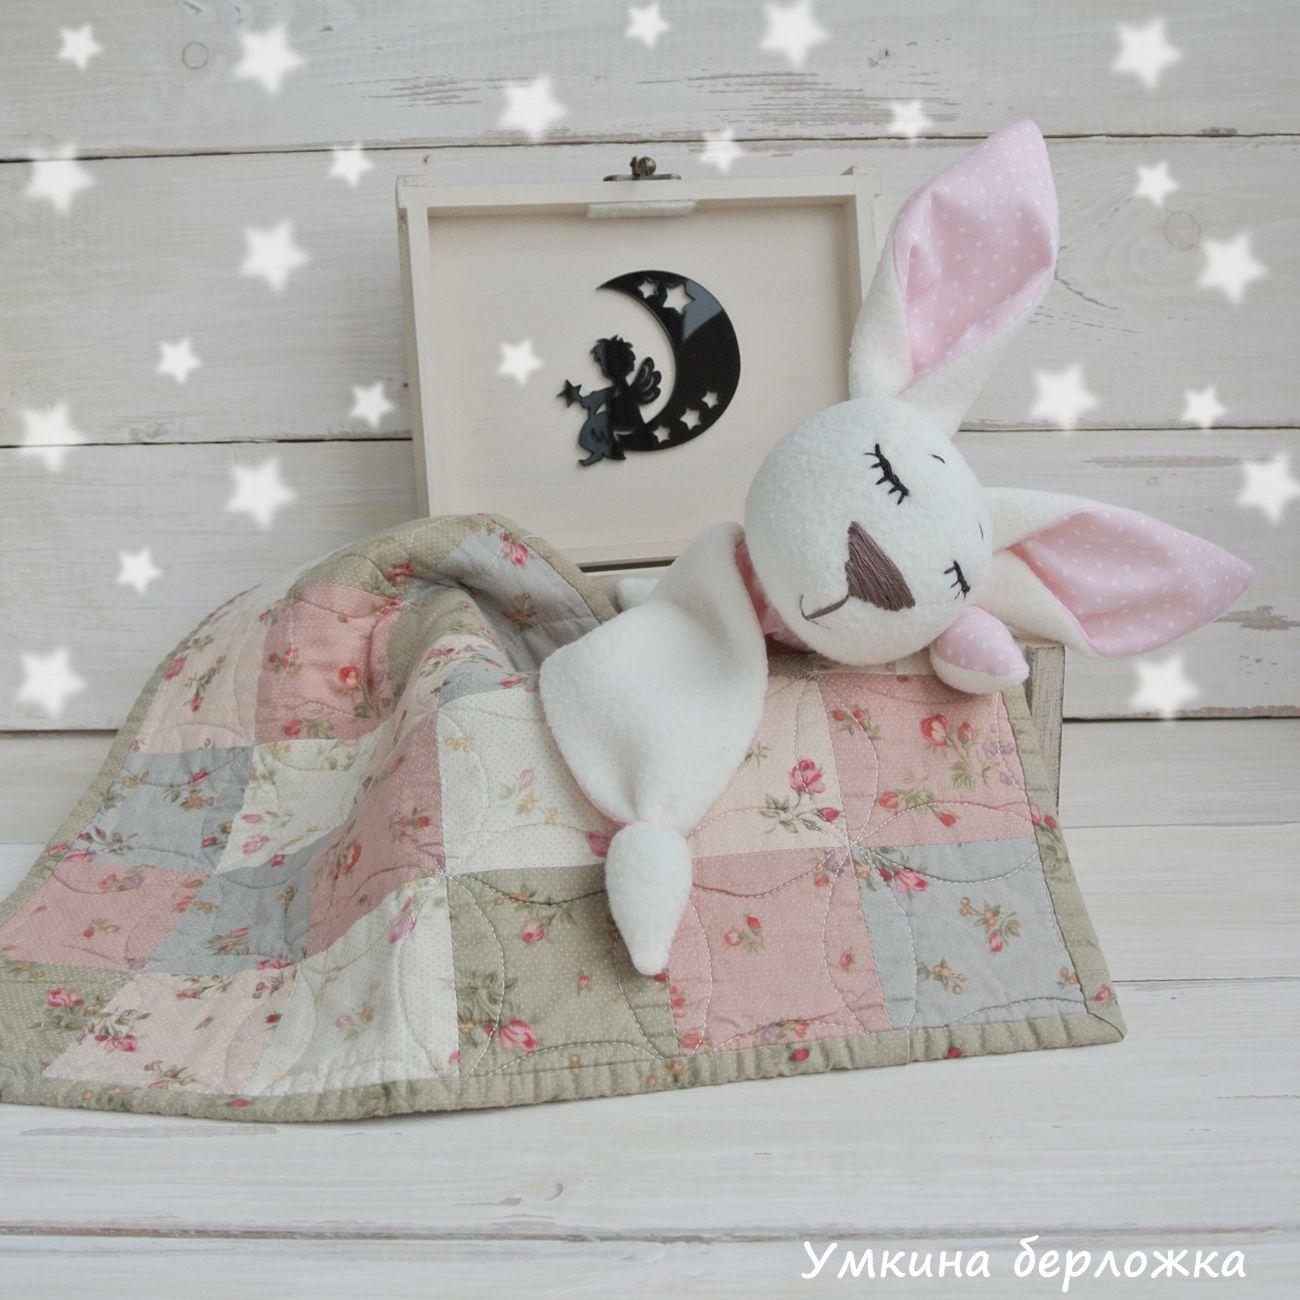 подарокмалышу сплюшка подарокноворожденному длясна комфортер подарокребенку заяц игрушки зайчик вкроватку зайка игрушка подарок